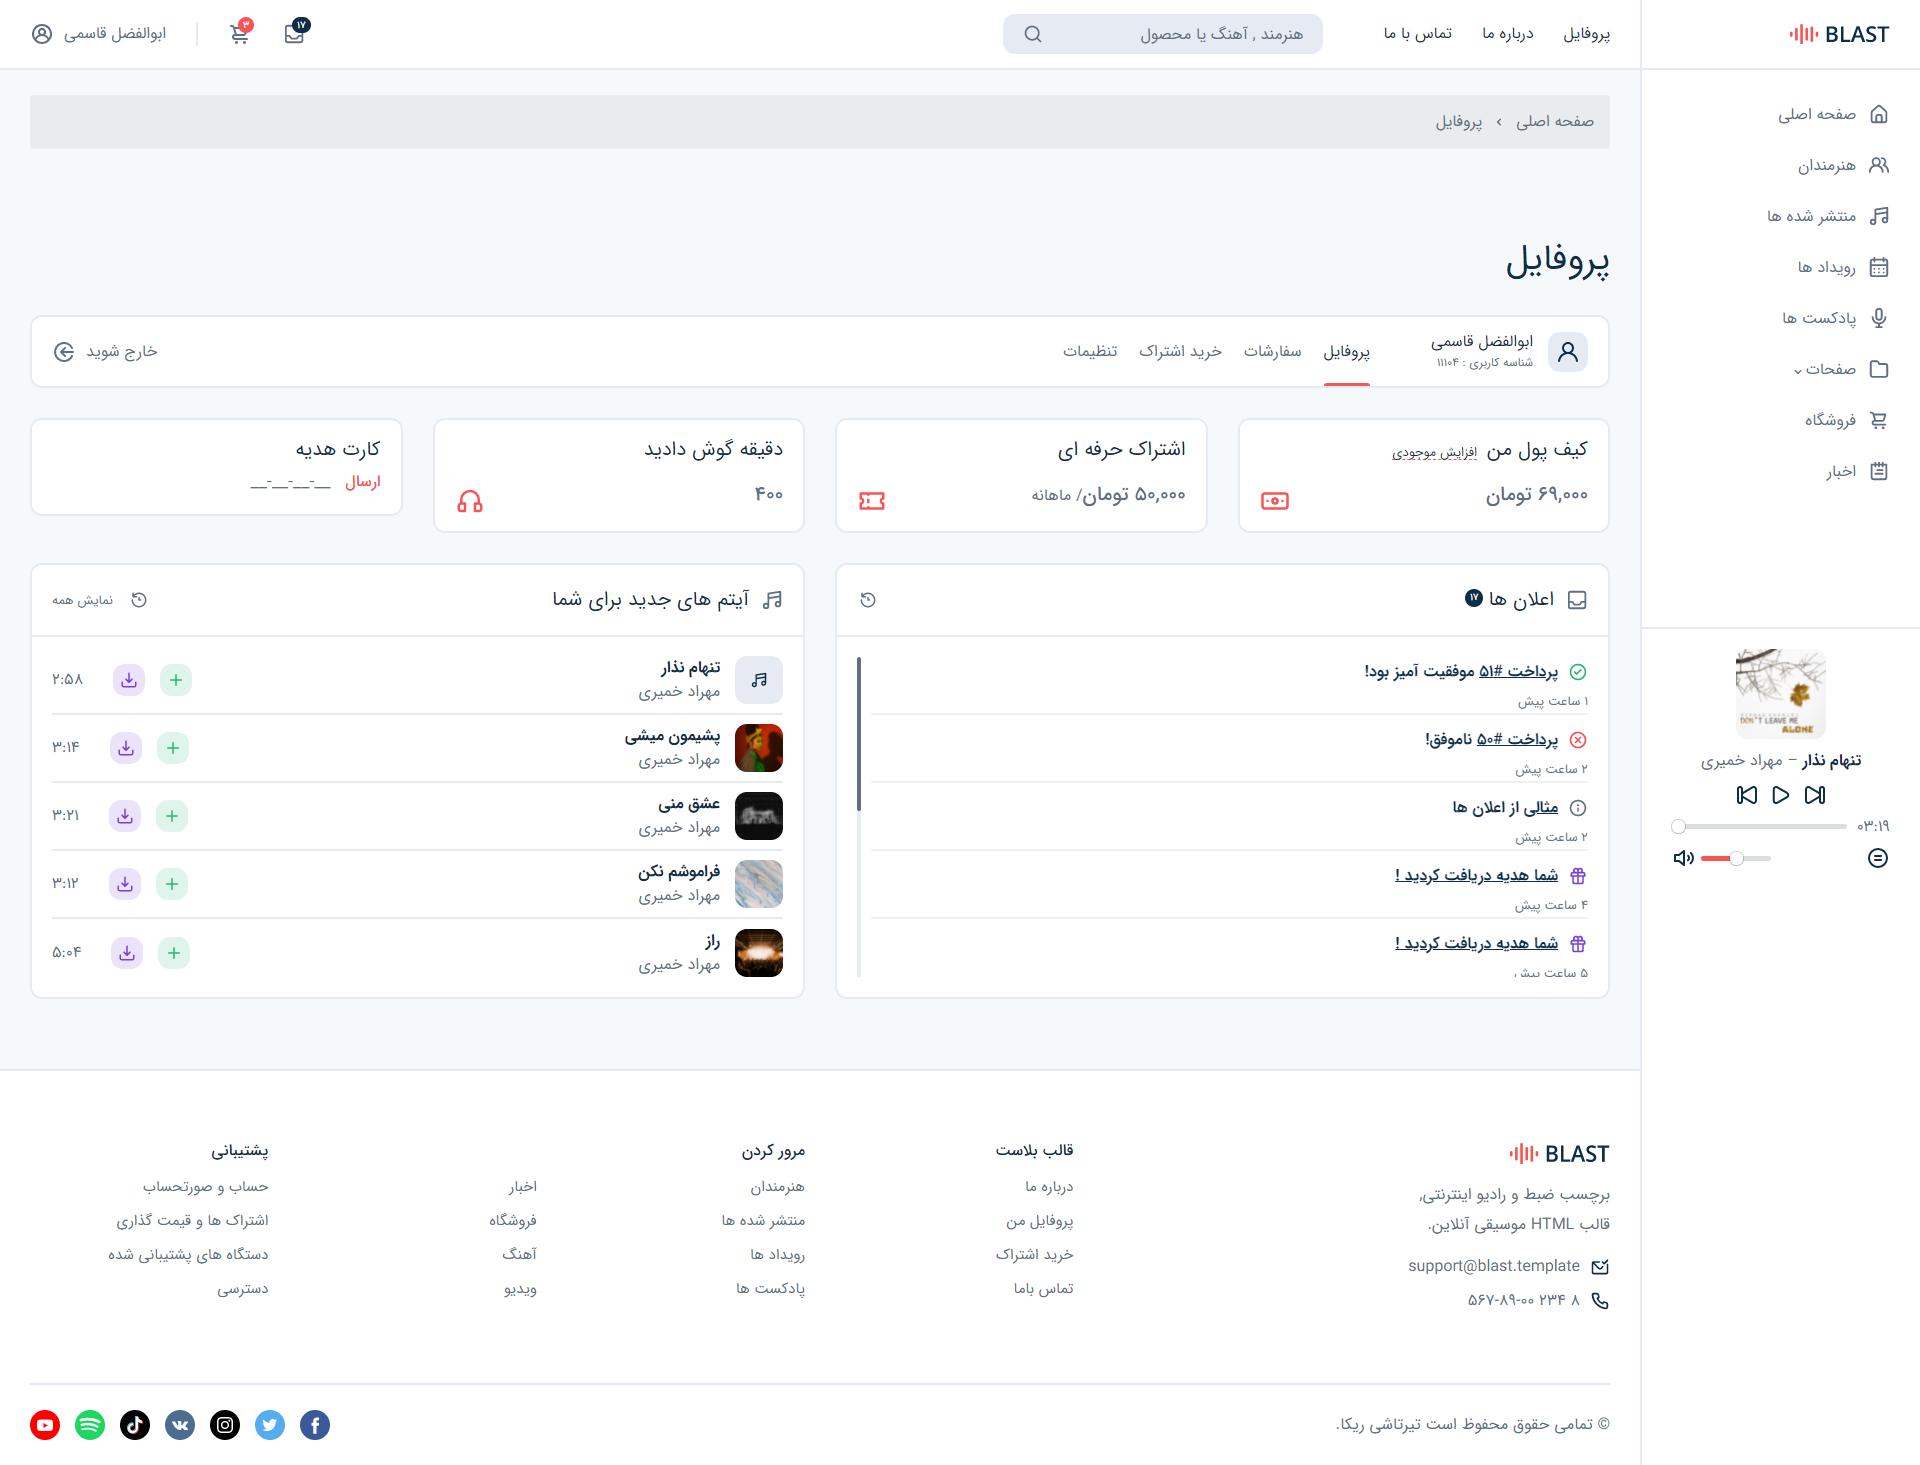 تنظیمات قالب HTML موزیک بلاست